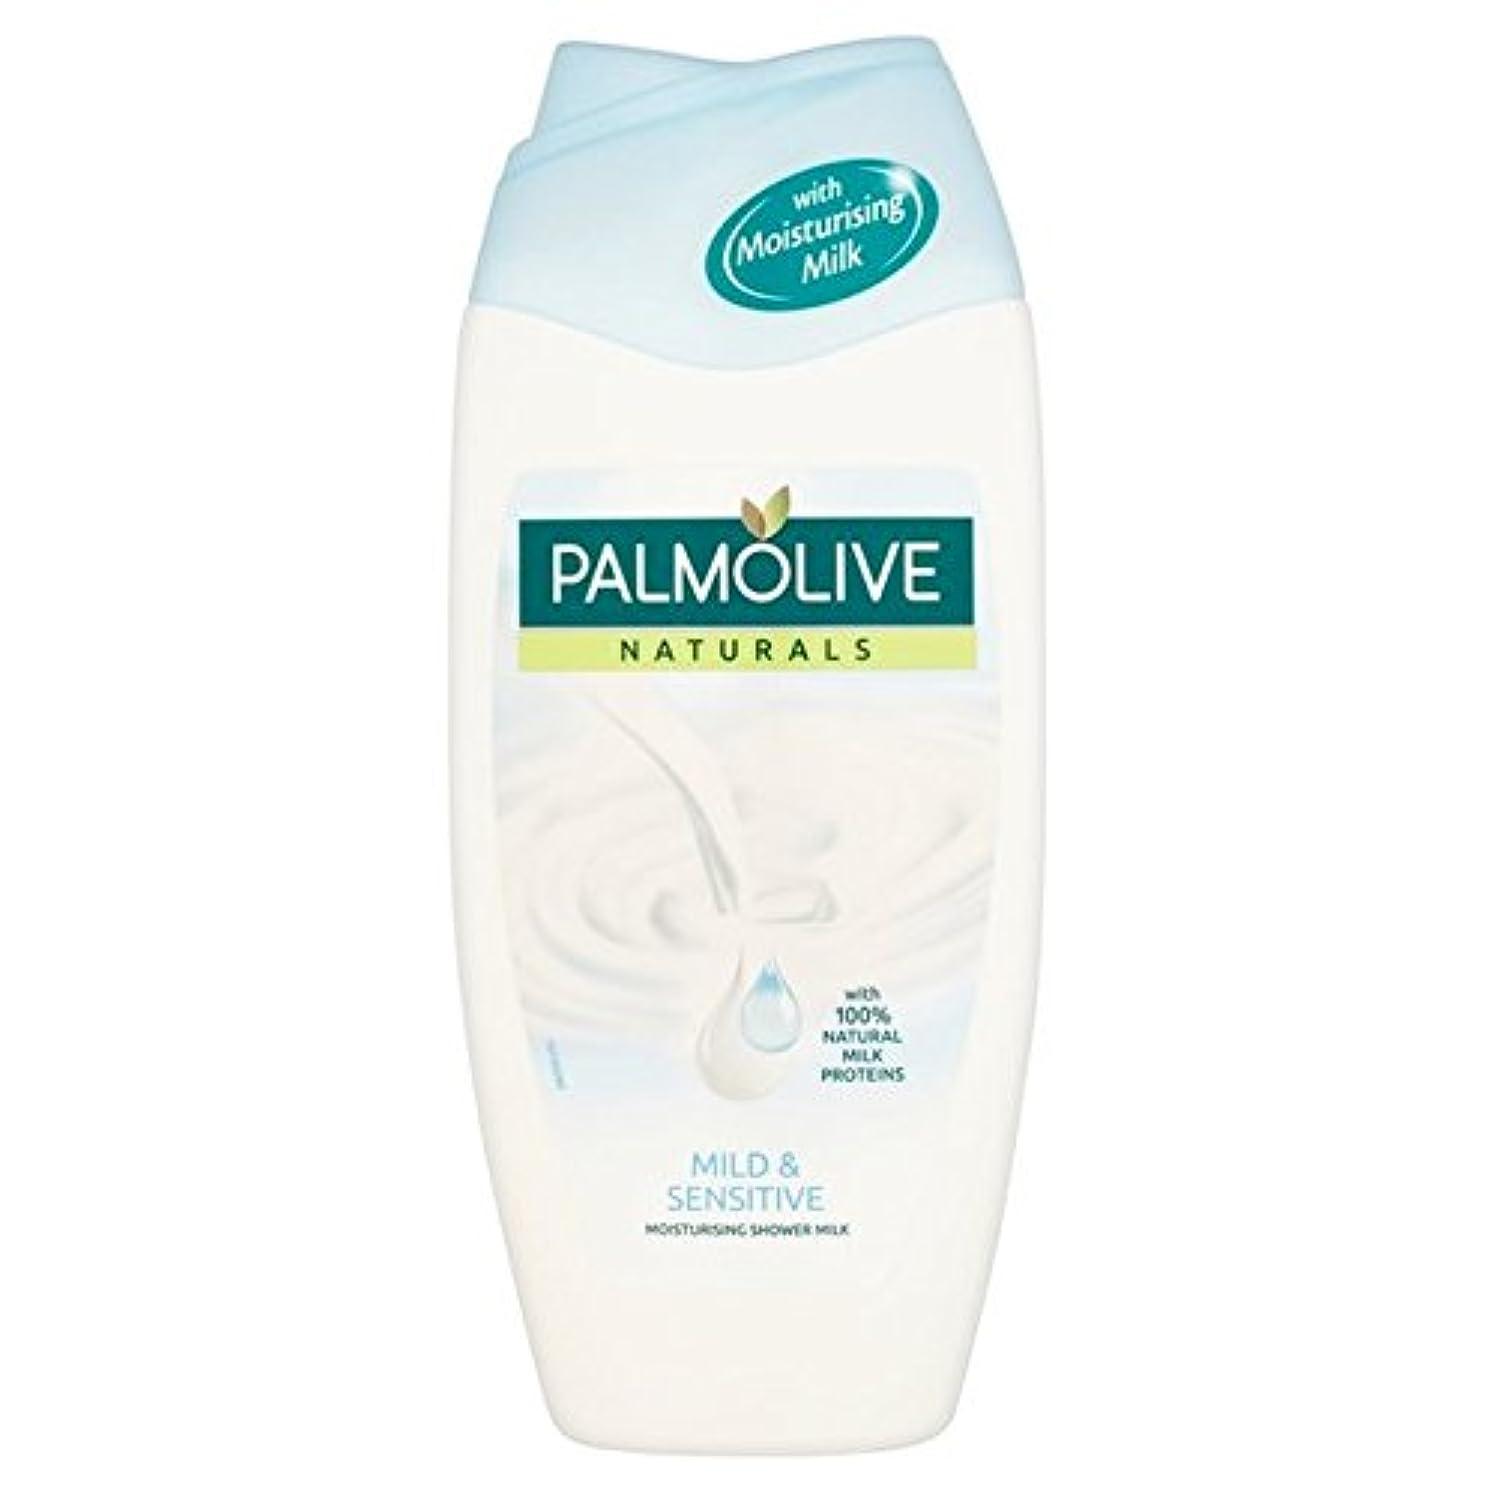 ライオネルグリーンストリート壮大優先パルモナチュラルシャワーミルクマイルド&敏感250ミリリットル x4 - Palmolive Naturals Shower Milk Mild & Sensitive 250ml (Pack of 4) [並行輸入品]